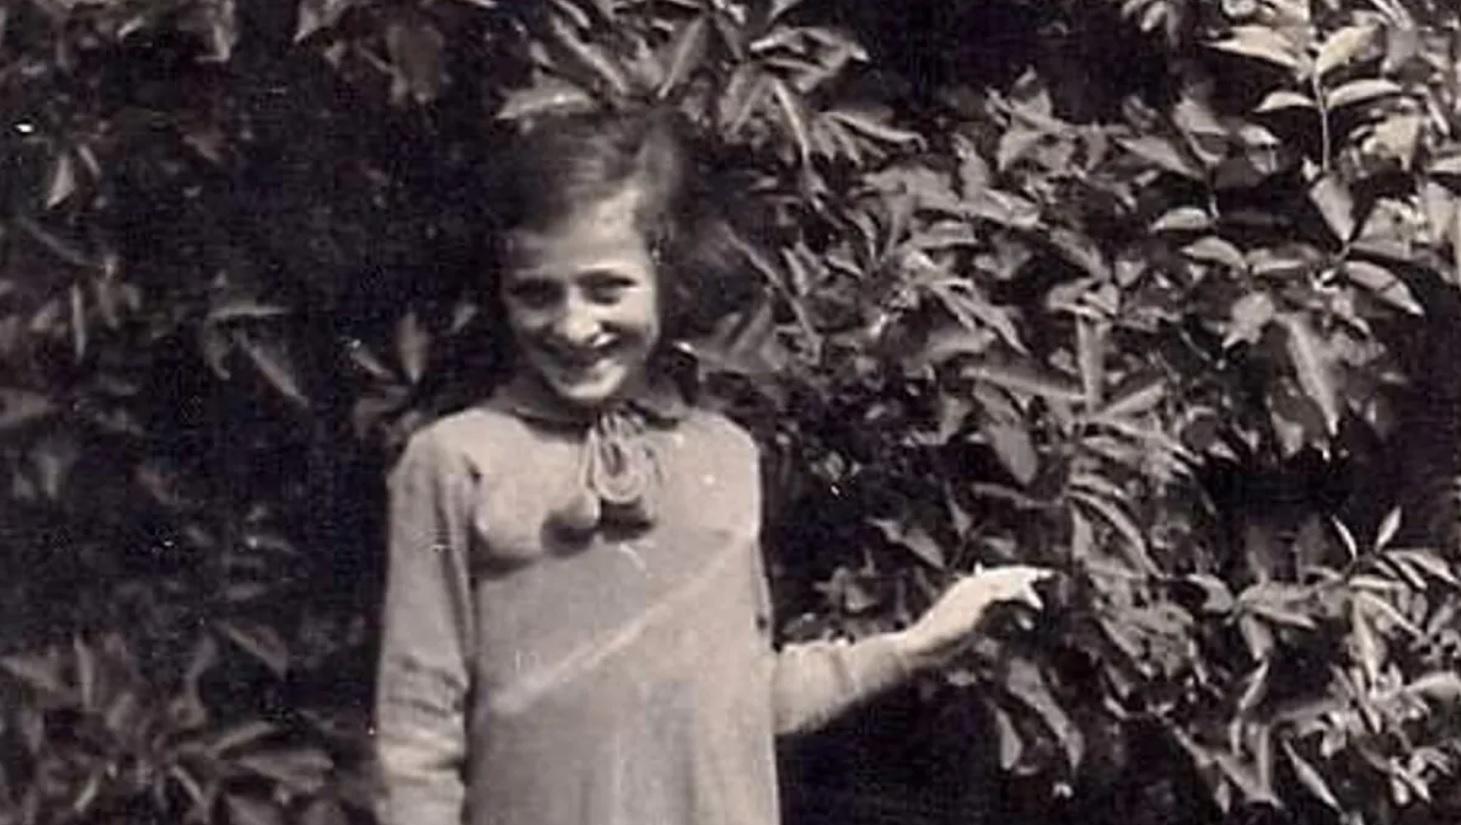 Bíróság akadályozta meg egy 11 éves holokausztáldozat levelének elárverezését Izraelben